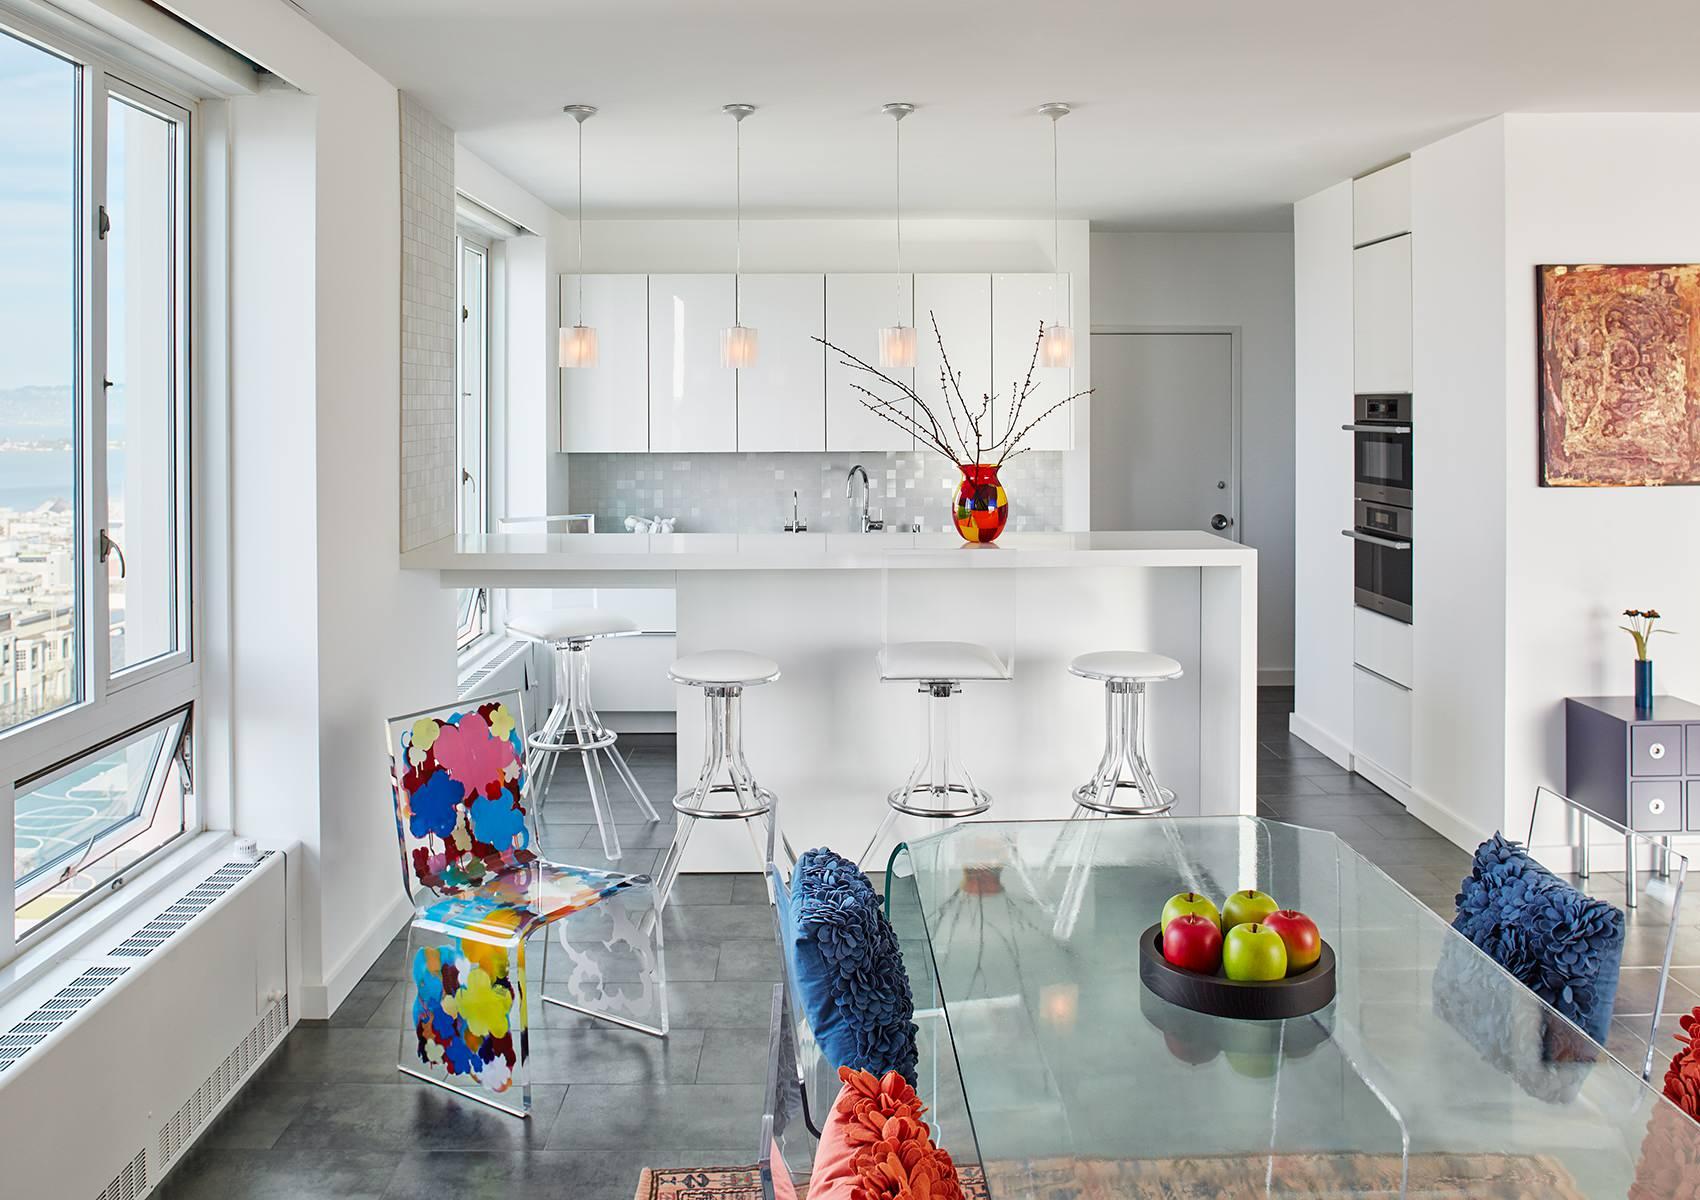 дизайн кухни студии 85 фото интерьера где готовить в удовольствие